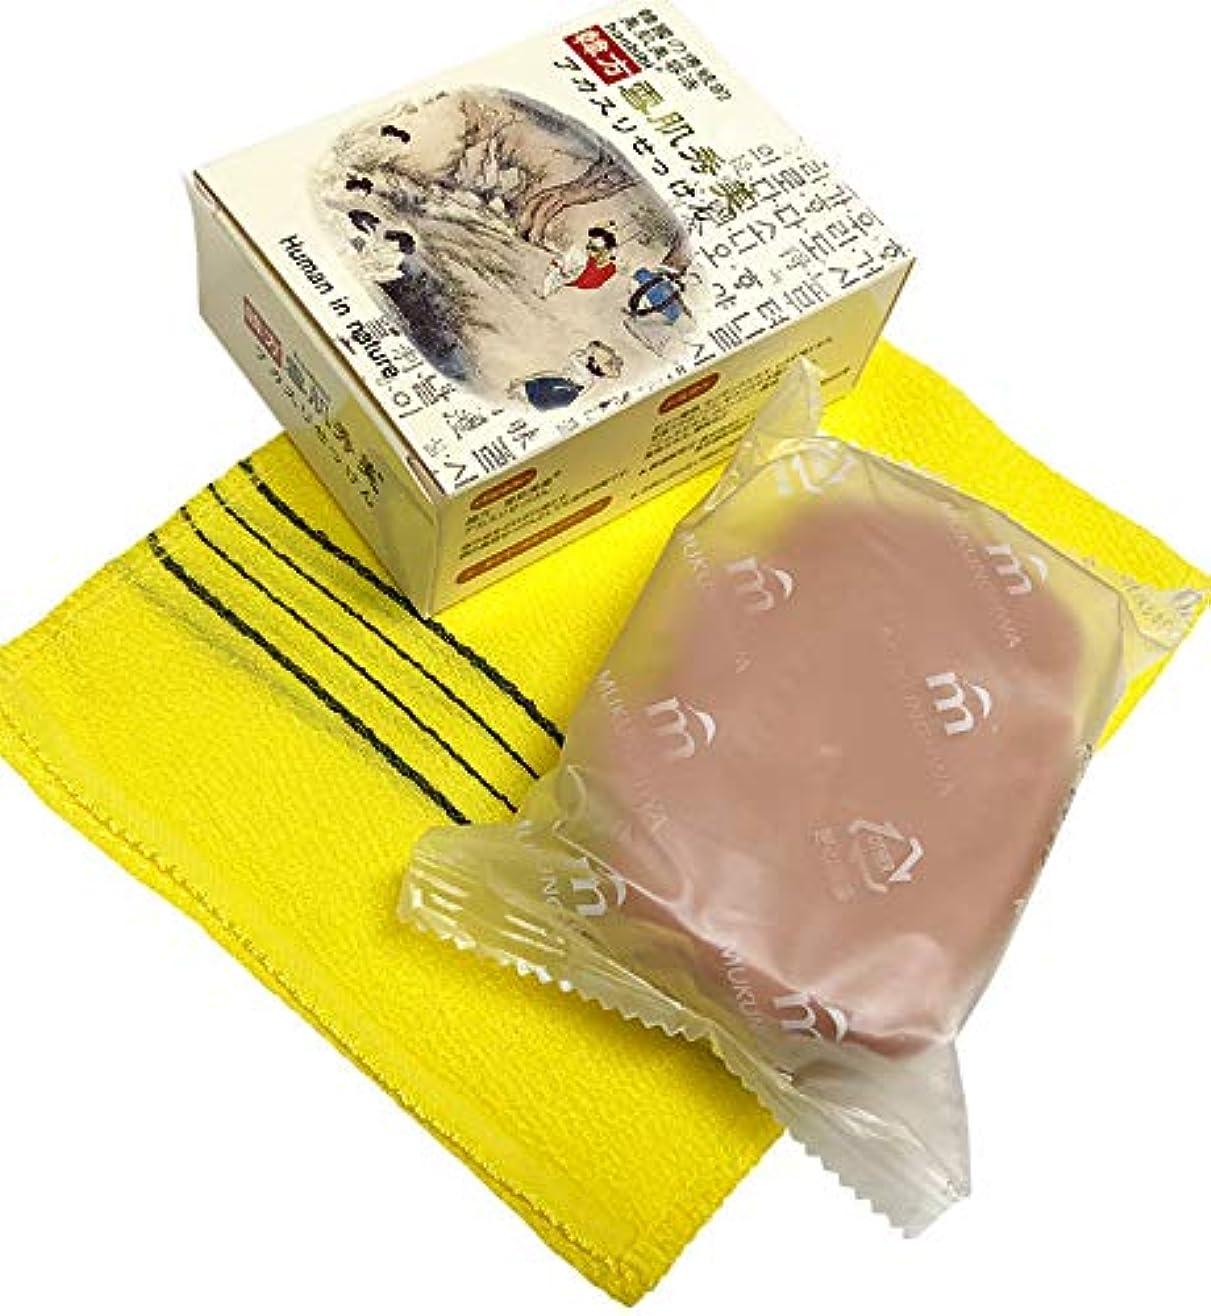 沼地矢じりナラーバー顔、体兼用、蜂蜜香りの韓方石ケン、韓国コスメ 韓方[雪肌美]蜂蜜アカスリせっけん アカスリ専用タオル付き